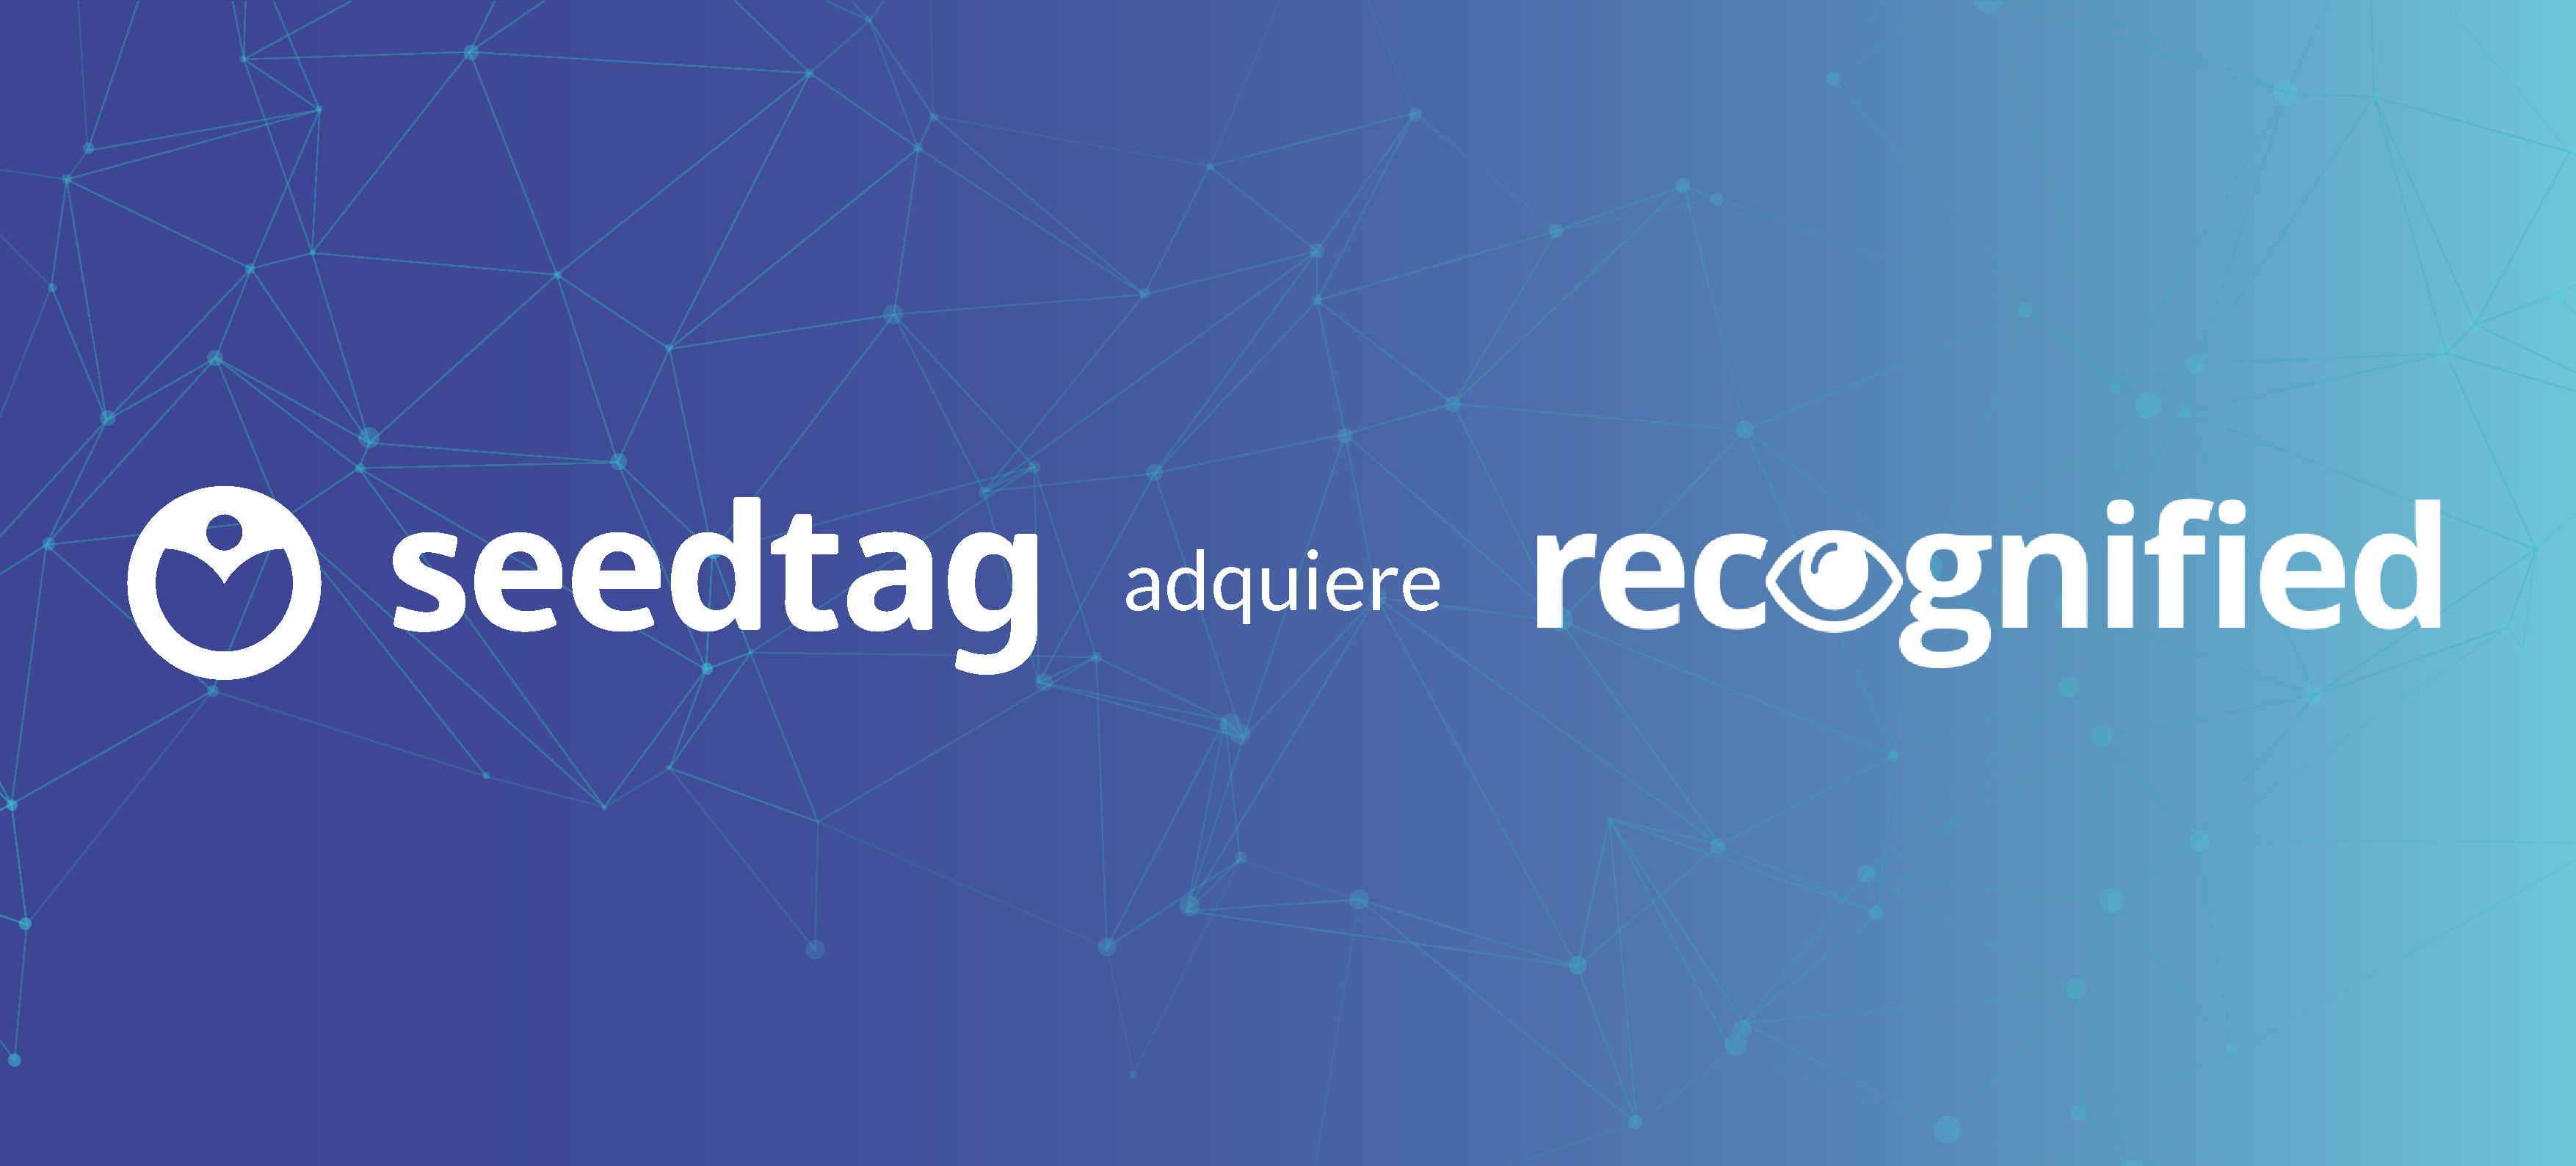 Seedtag consolida su liderazgo en Inteligencia Contextual tras adquirir la empresa alemana Recognified